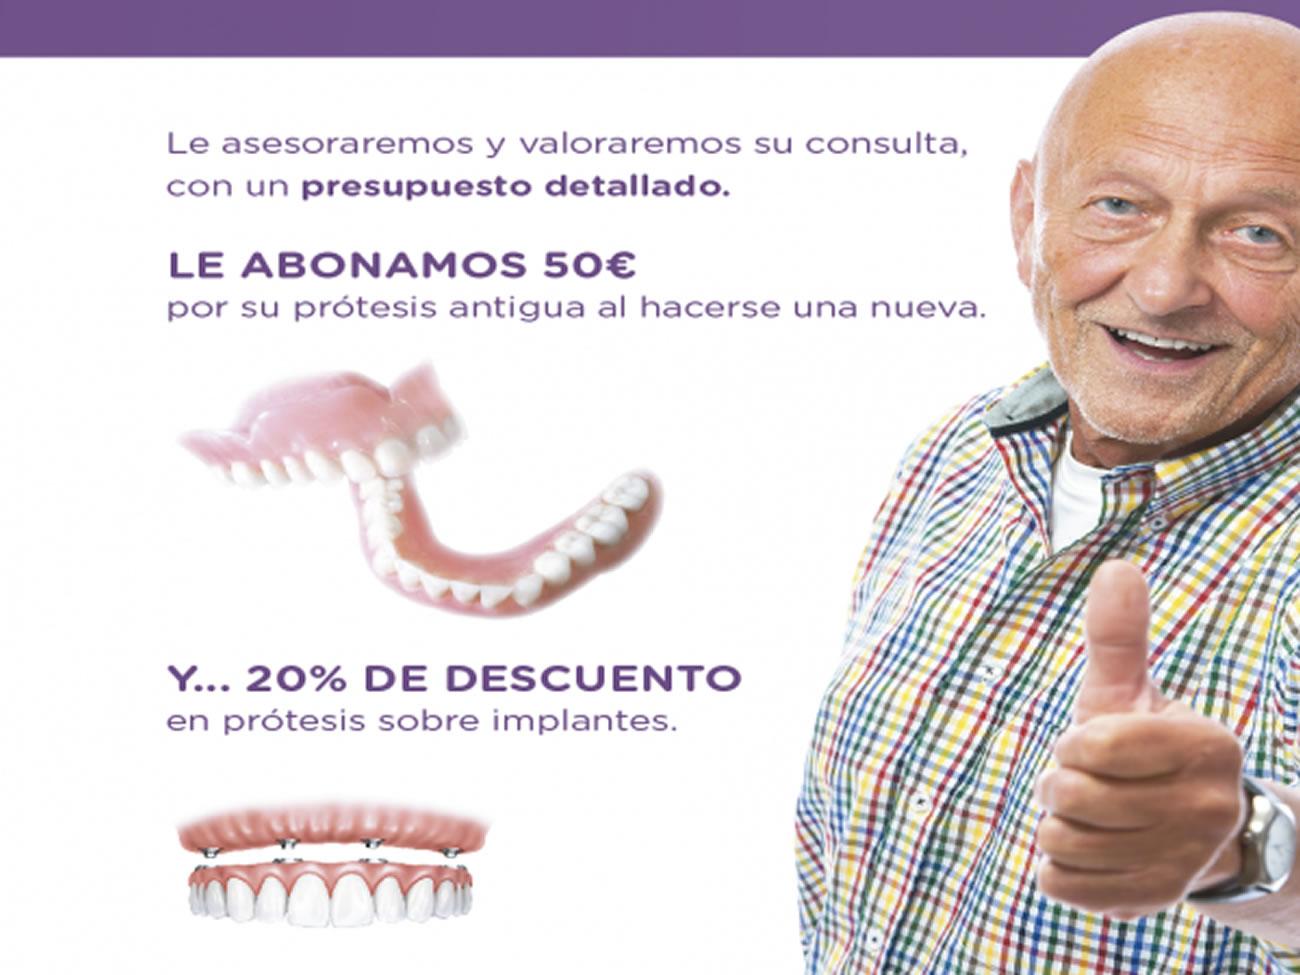 Promoción | Clínica dental Dr. López de Calatayud